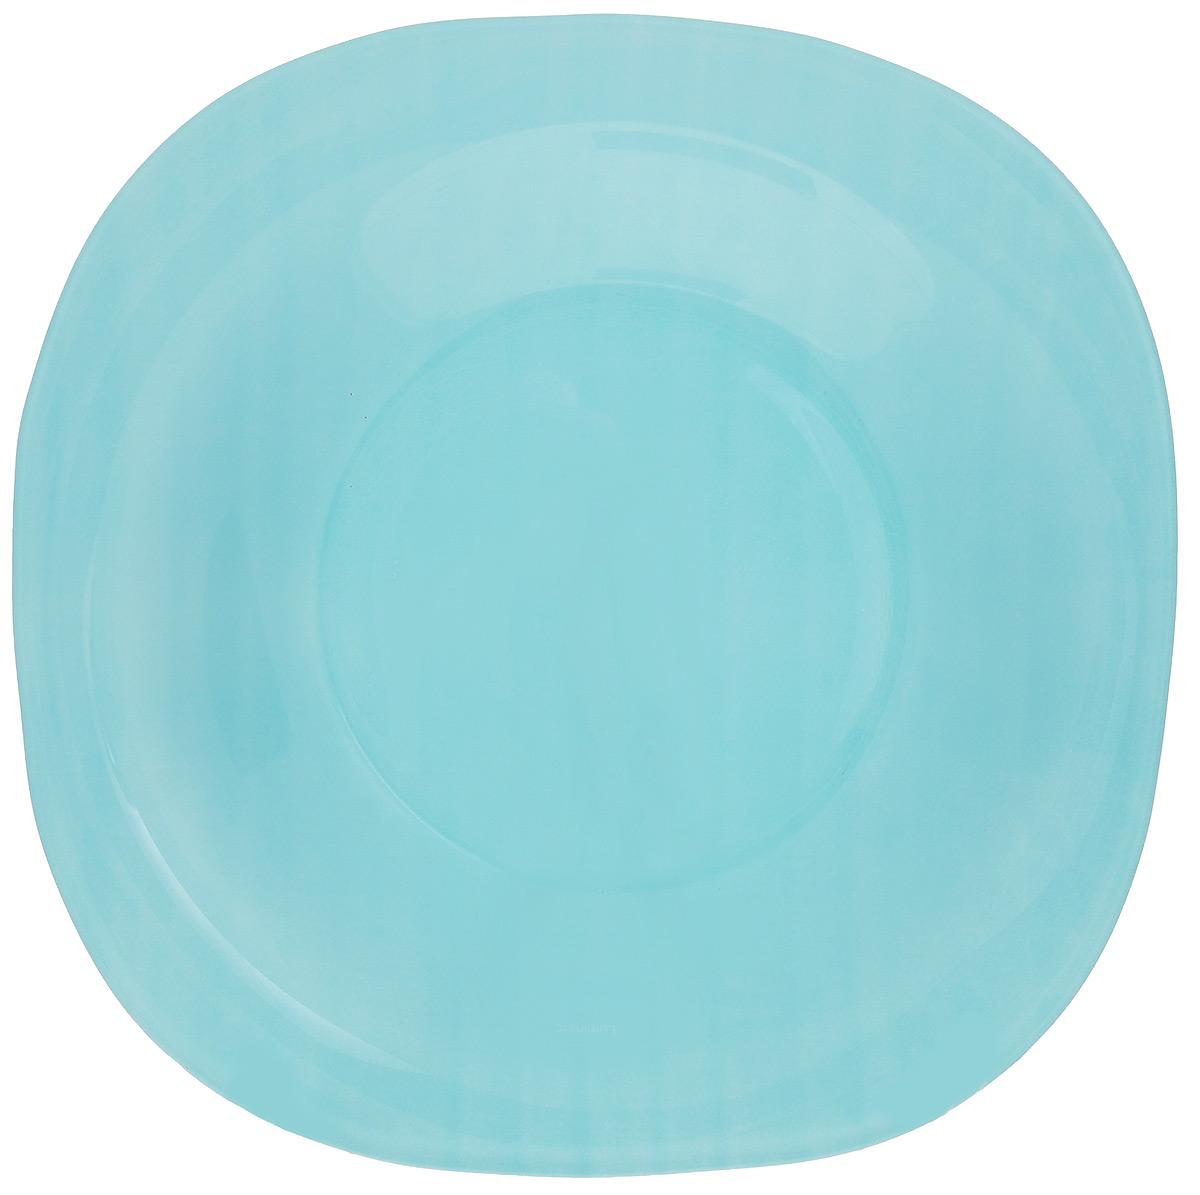 Тарелка глубокая Luminarc Colorama, диаметр 20,5 см54 009312Глубокая тарелка Luminarc Colorama выполнена изударопрочного стекла и оформлена в классическом стиле.Изделие сочетает в себе изысканный дизайн с максимальнойфункциональностью. Она прекрасно впишется винтерьер вашей кухни и станет достойным дополнениемк кухонному инвентарю. Тарелка Luminarc Colorama подчеркнет прекрасный вкус хозяйкии станет отличным подарком. Диаметр (по верхнему краю): 20,5 см.Высота стенки: 3 см.